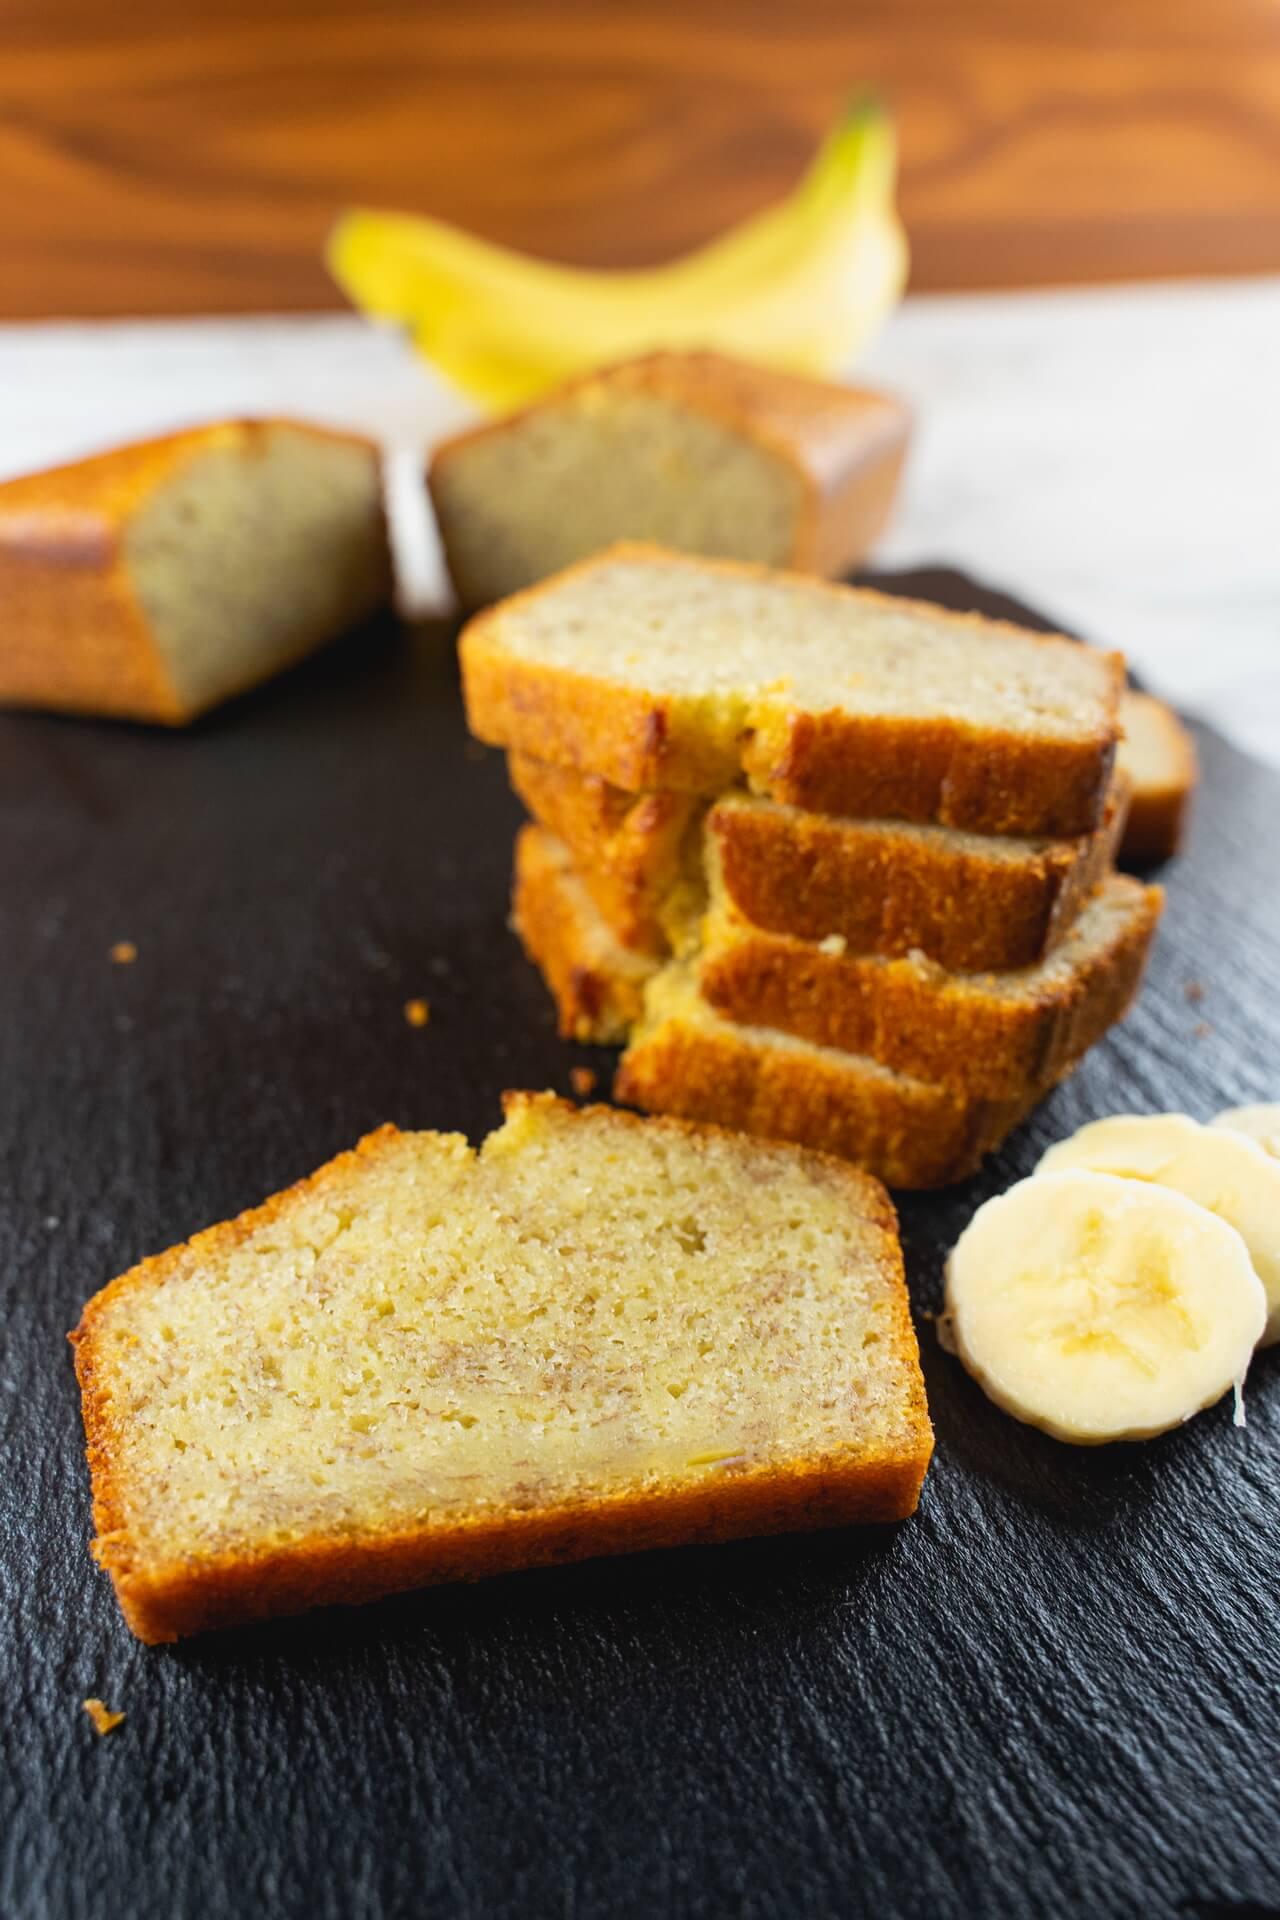 Moist Banana Bread With Banana Slices